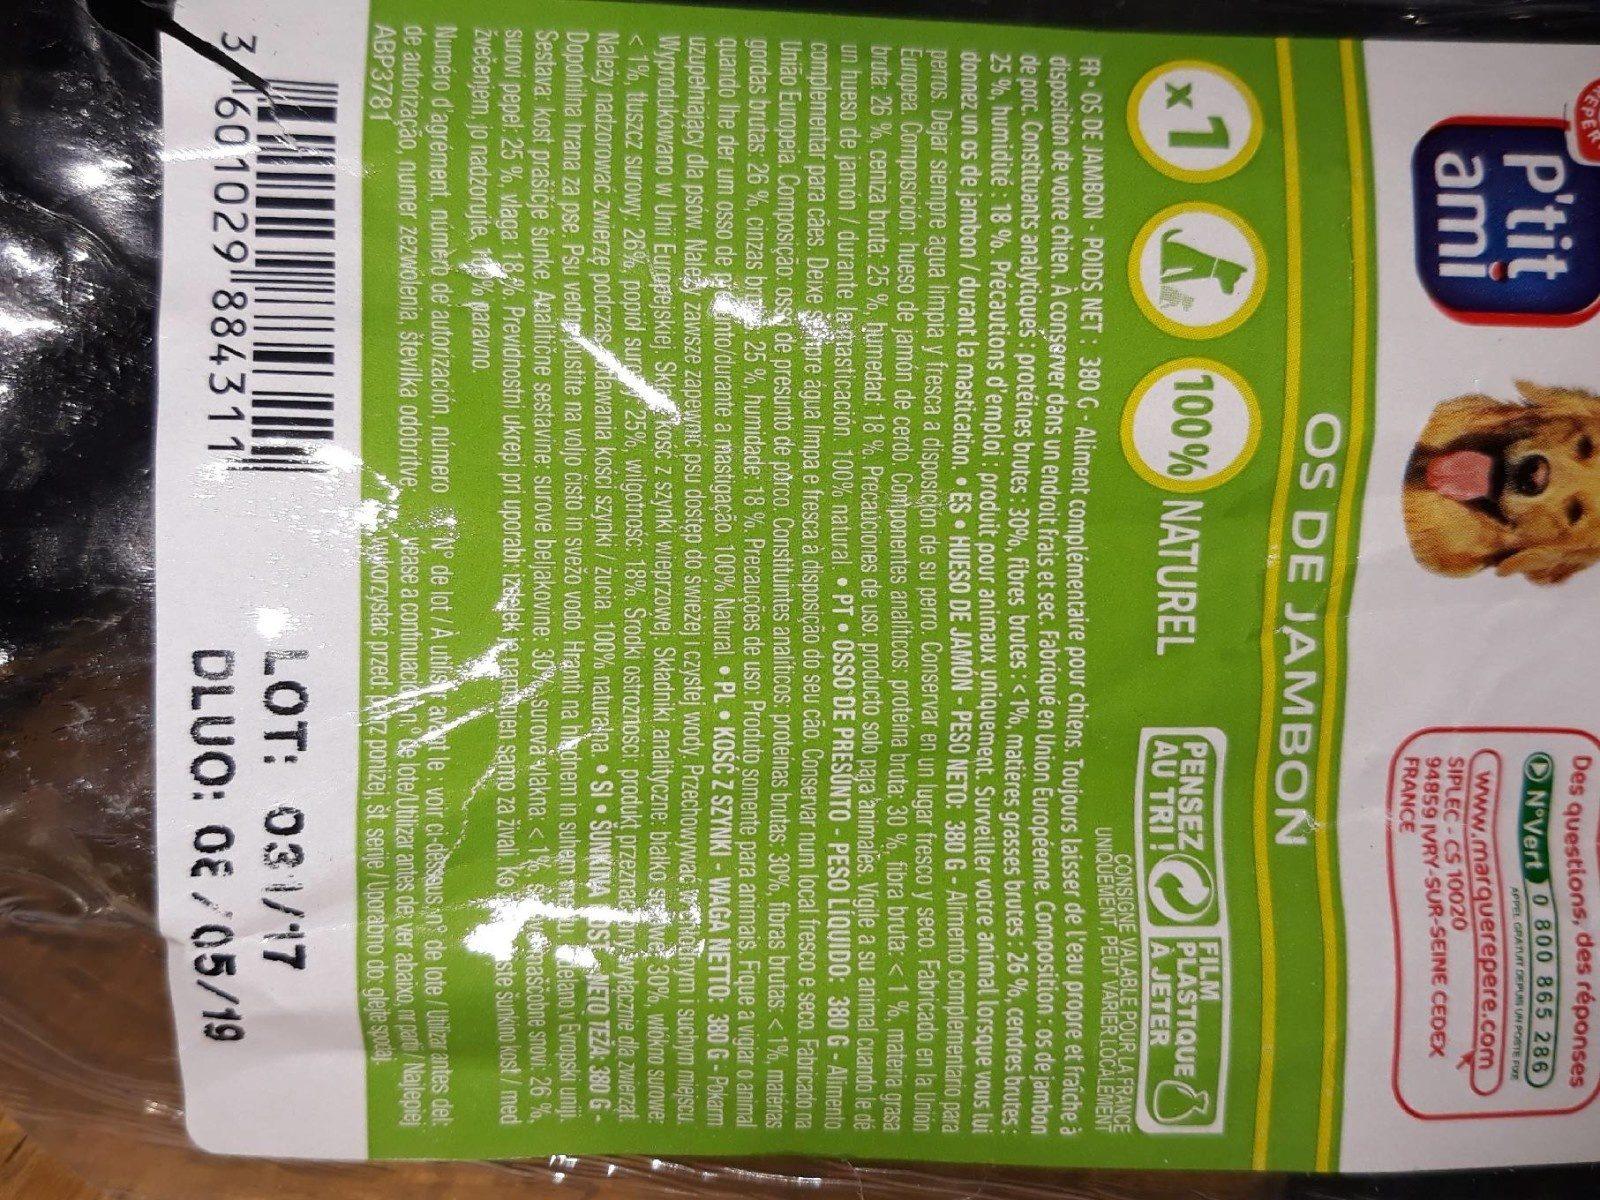 Os de jambon - Product